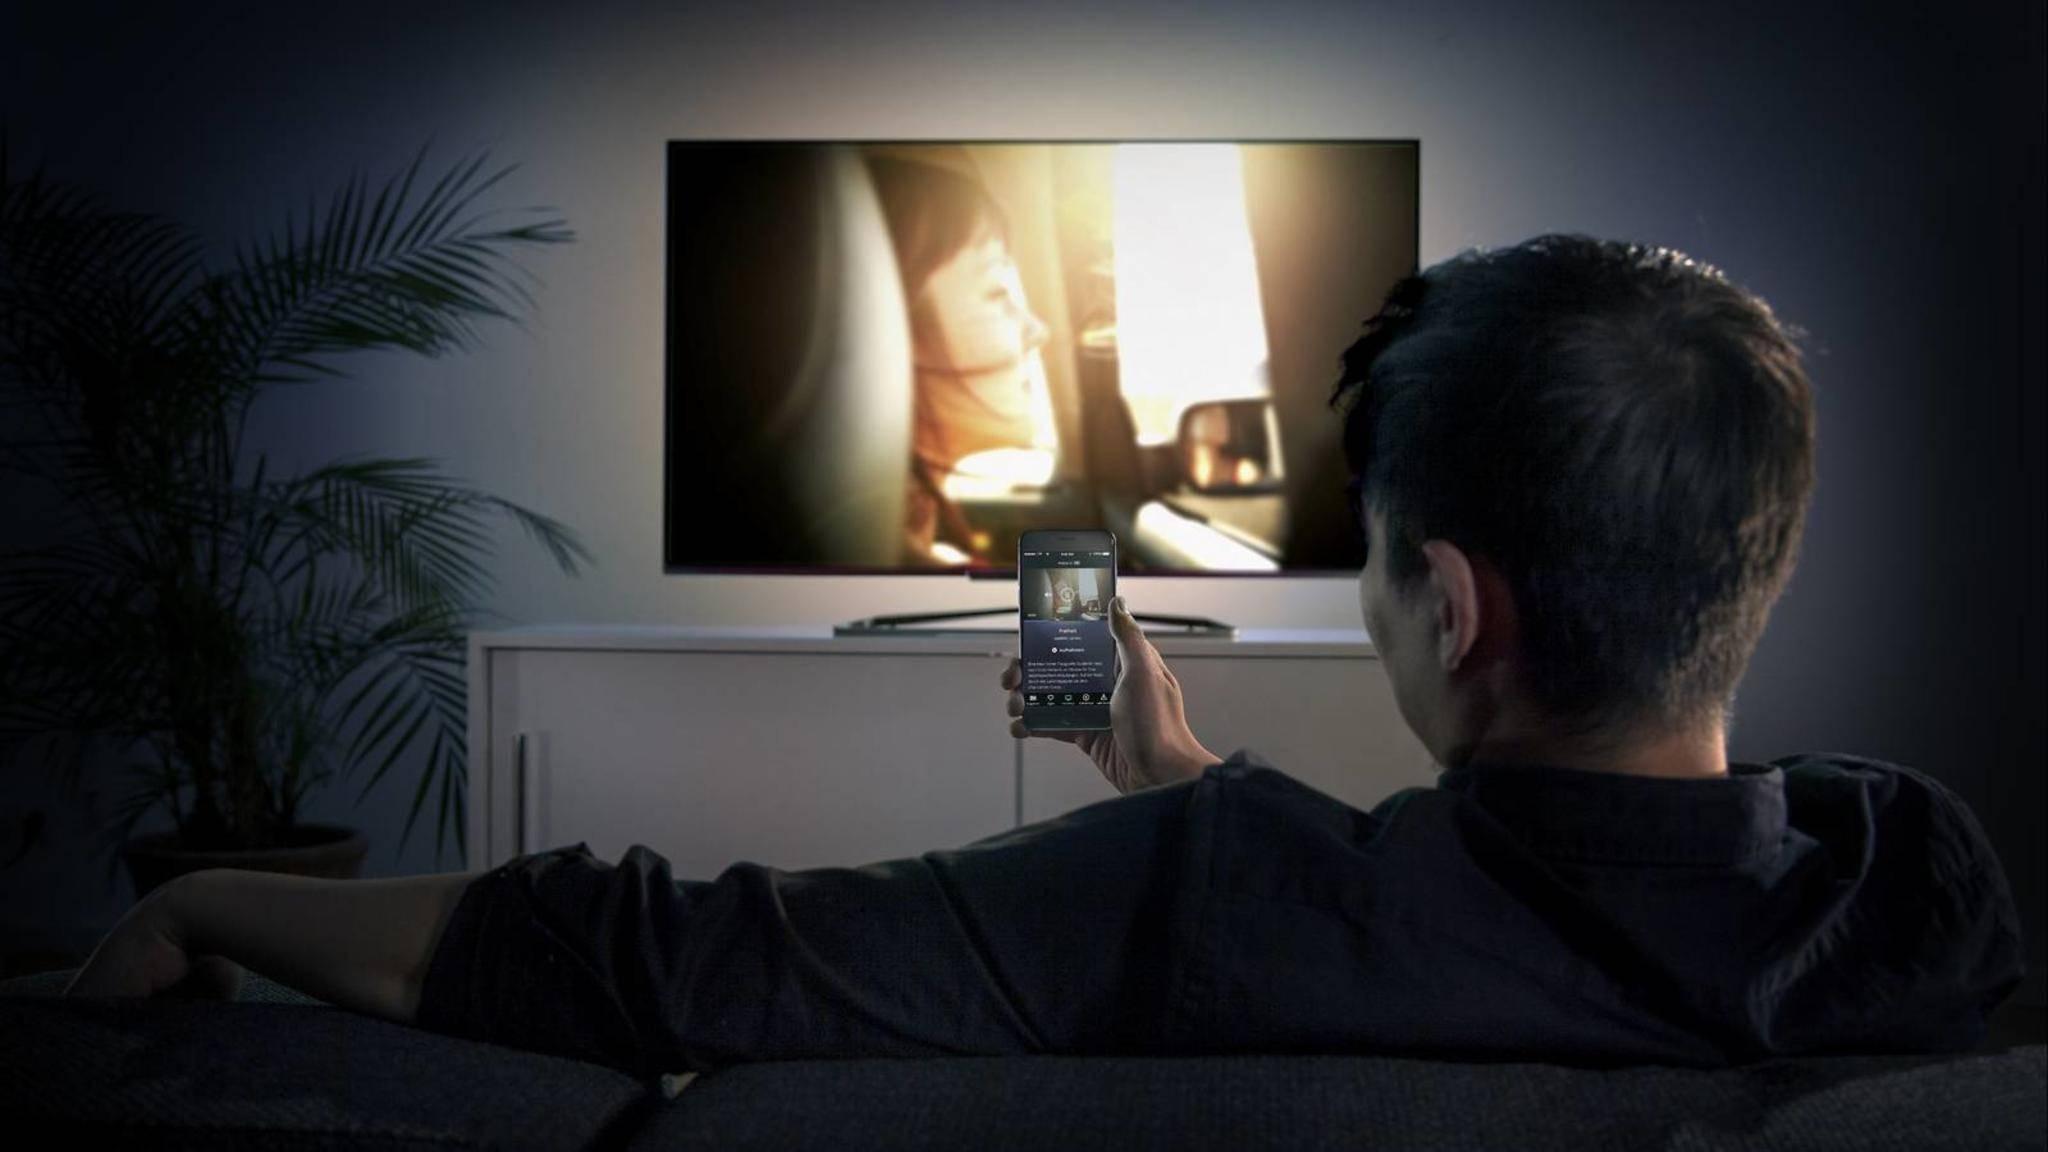 Waipu macht das Smartphone zum TV-Empfänger.